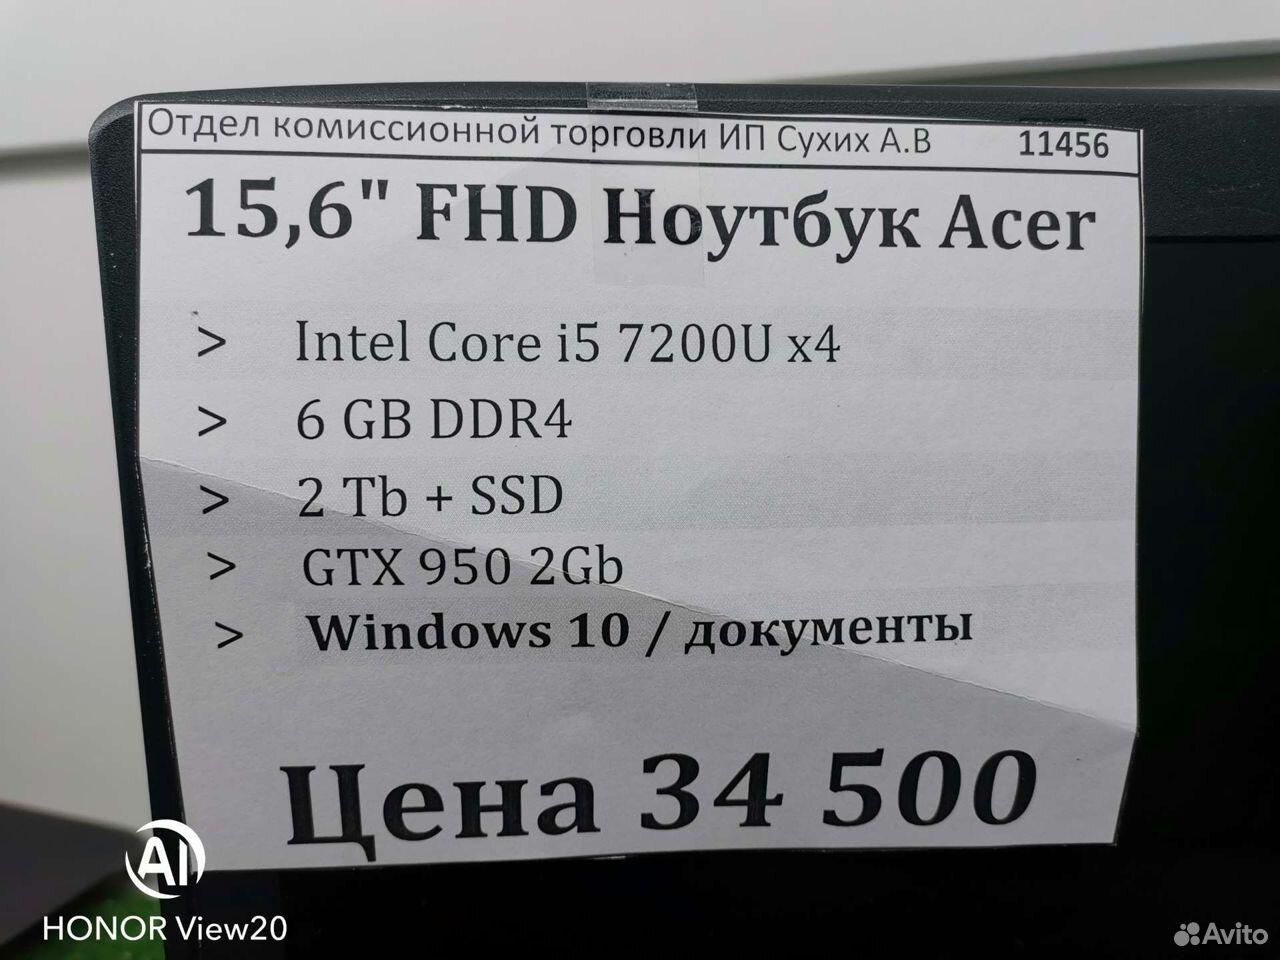 Acer FHD для игр 2тб gtx950